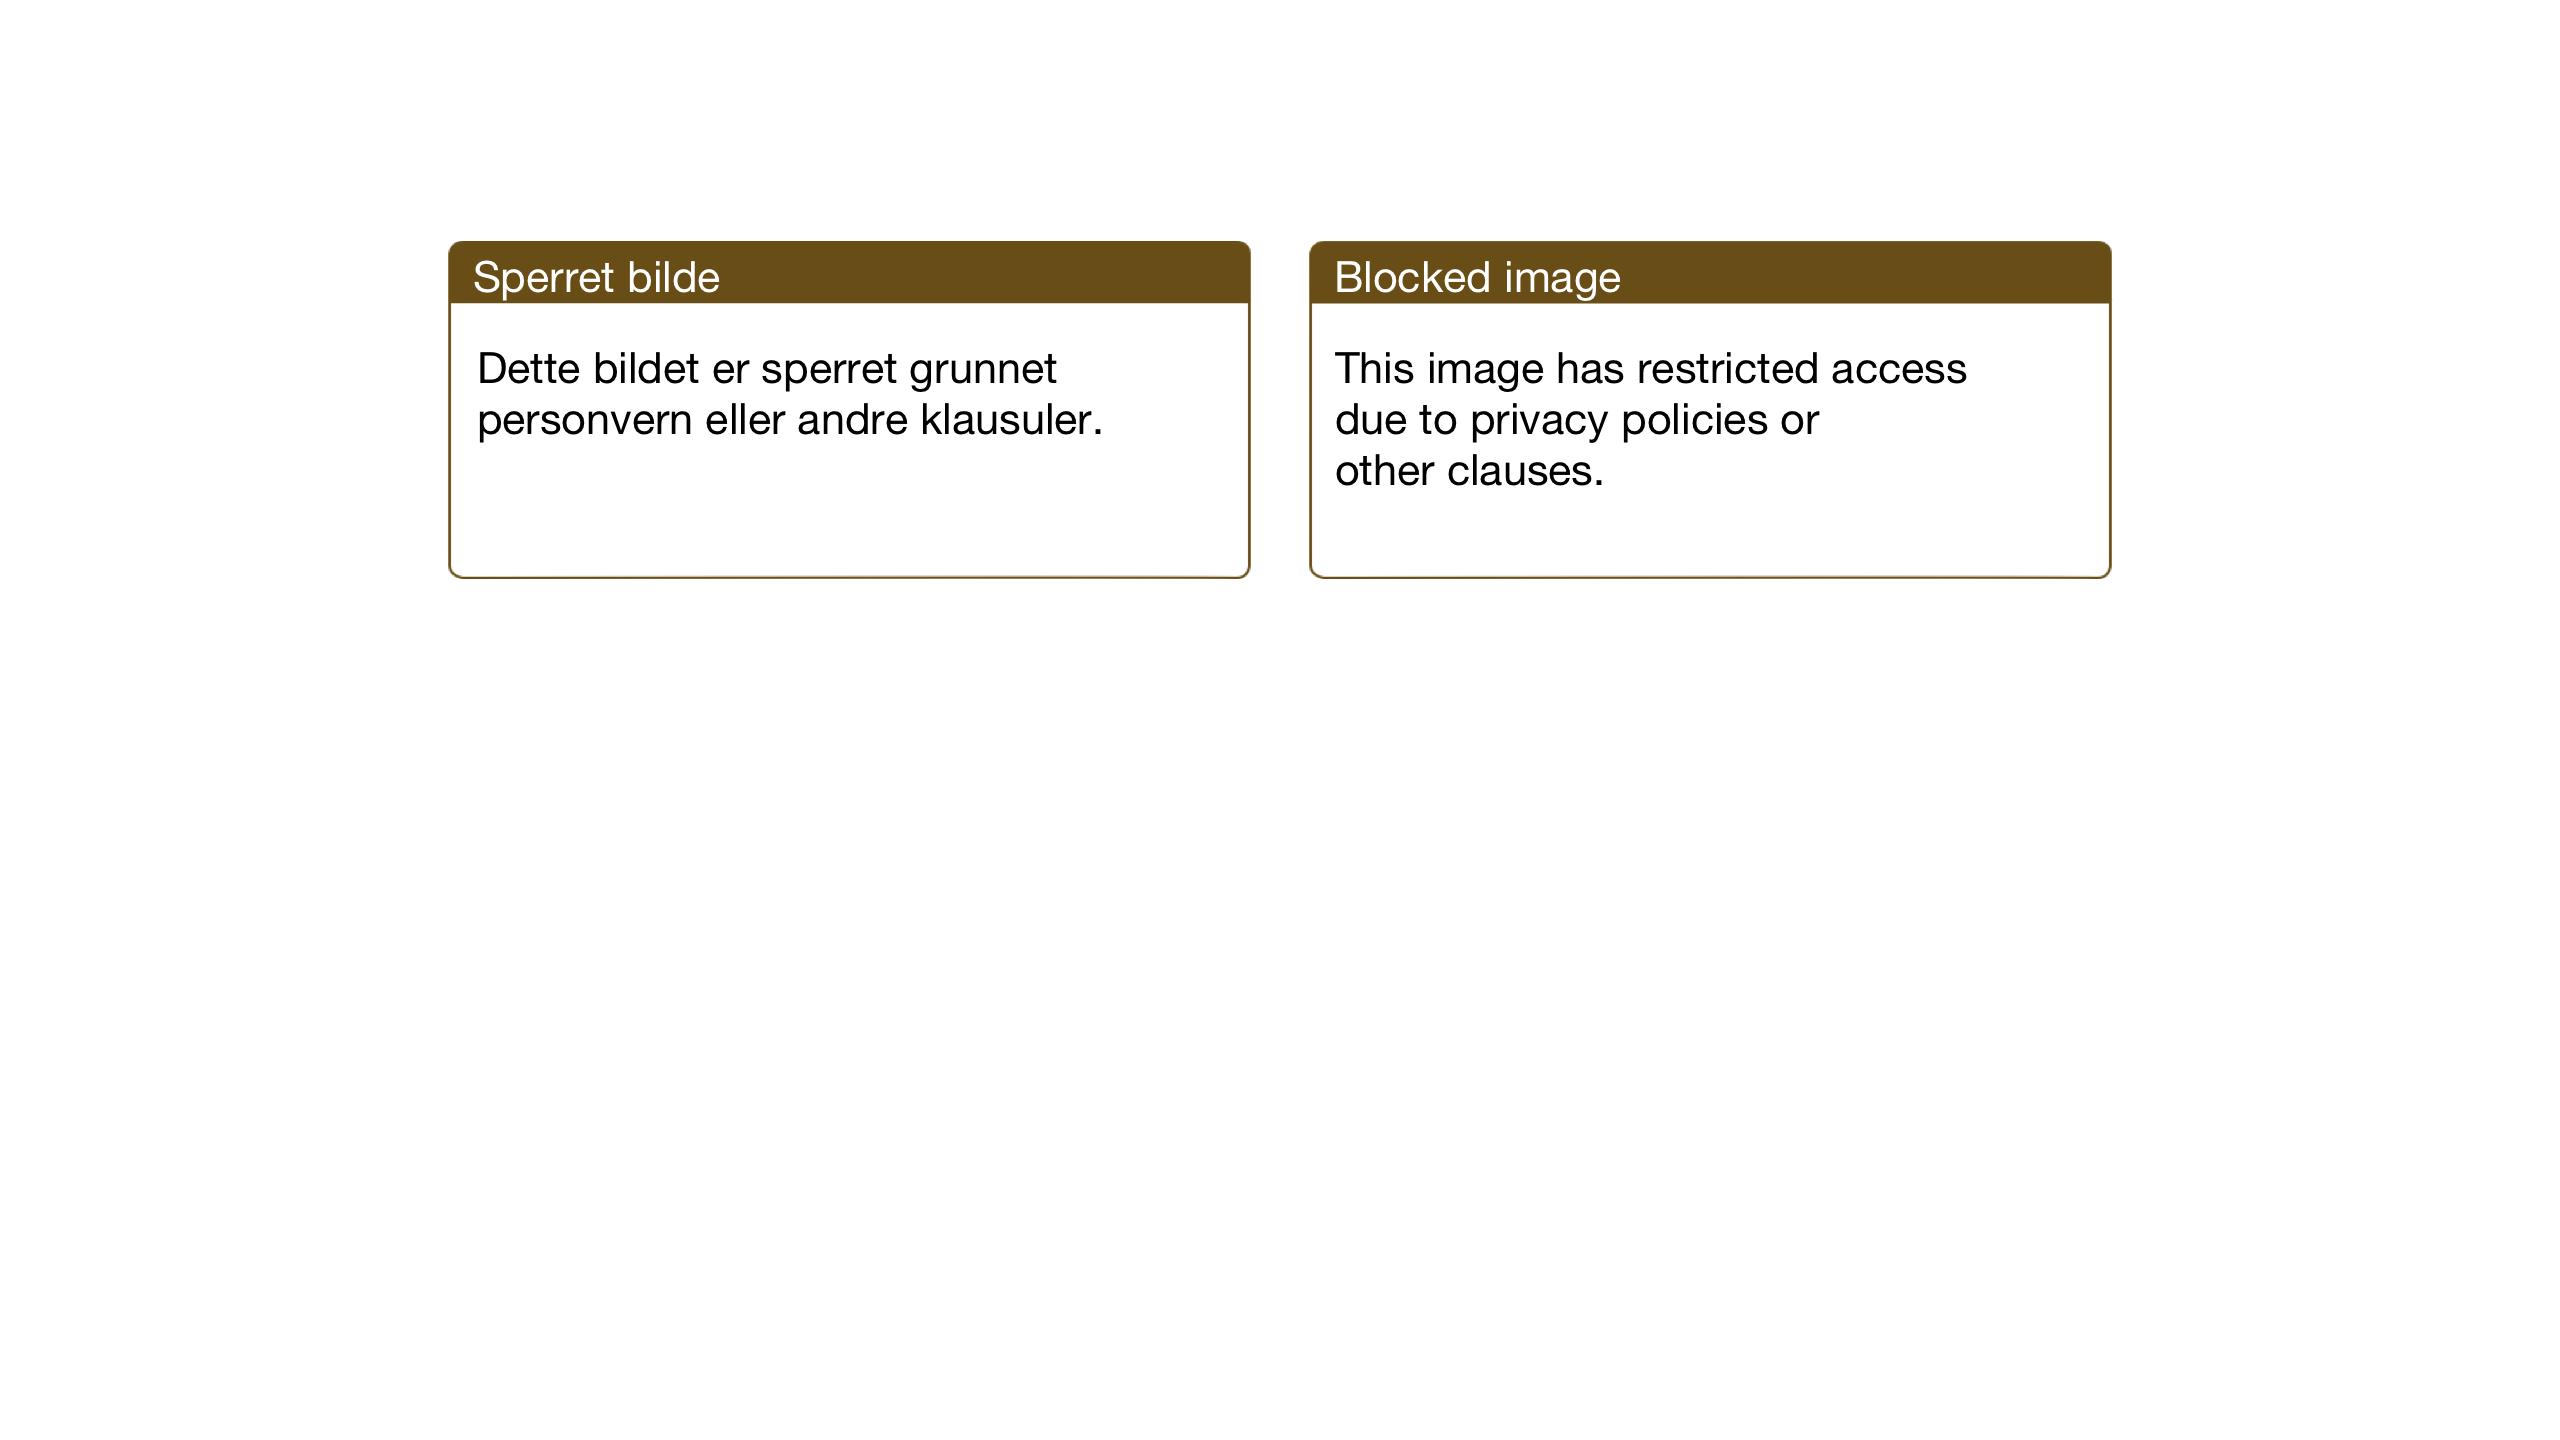 SAT, Ministerialprotokoller, klokkerbøker og fødselsregistre - Sør-Trøndelag, 694/L1128: Ministerialbok nr. 694A02, 1906-1931, s. 76